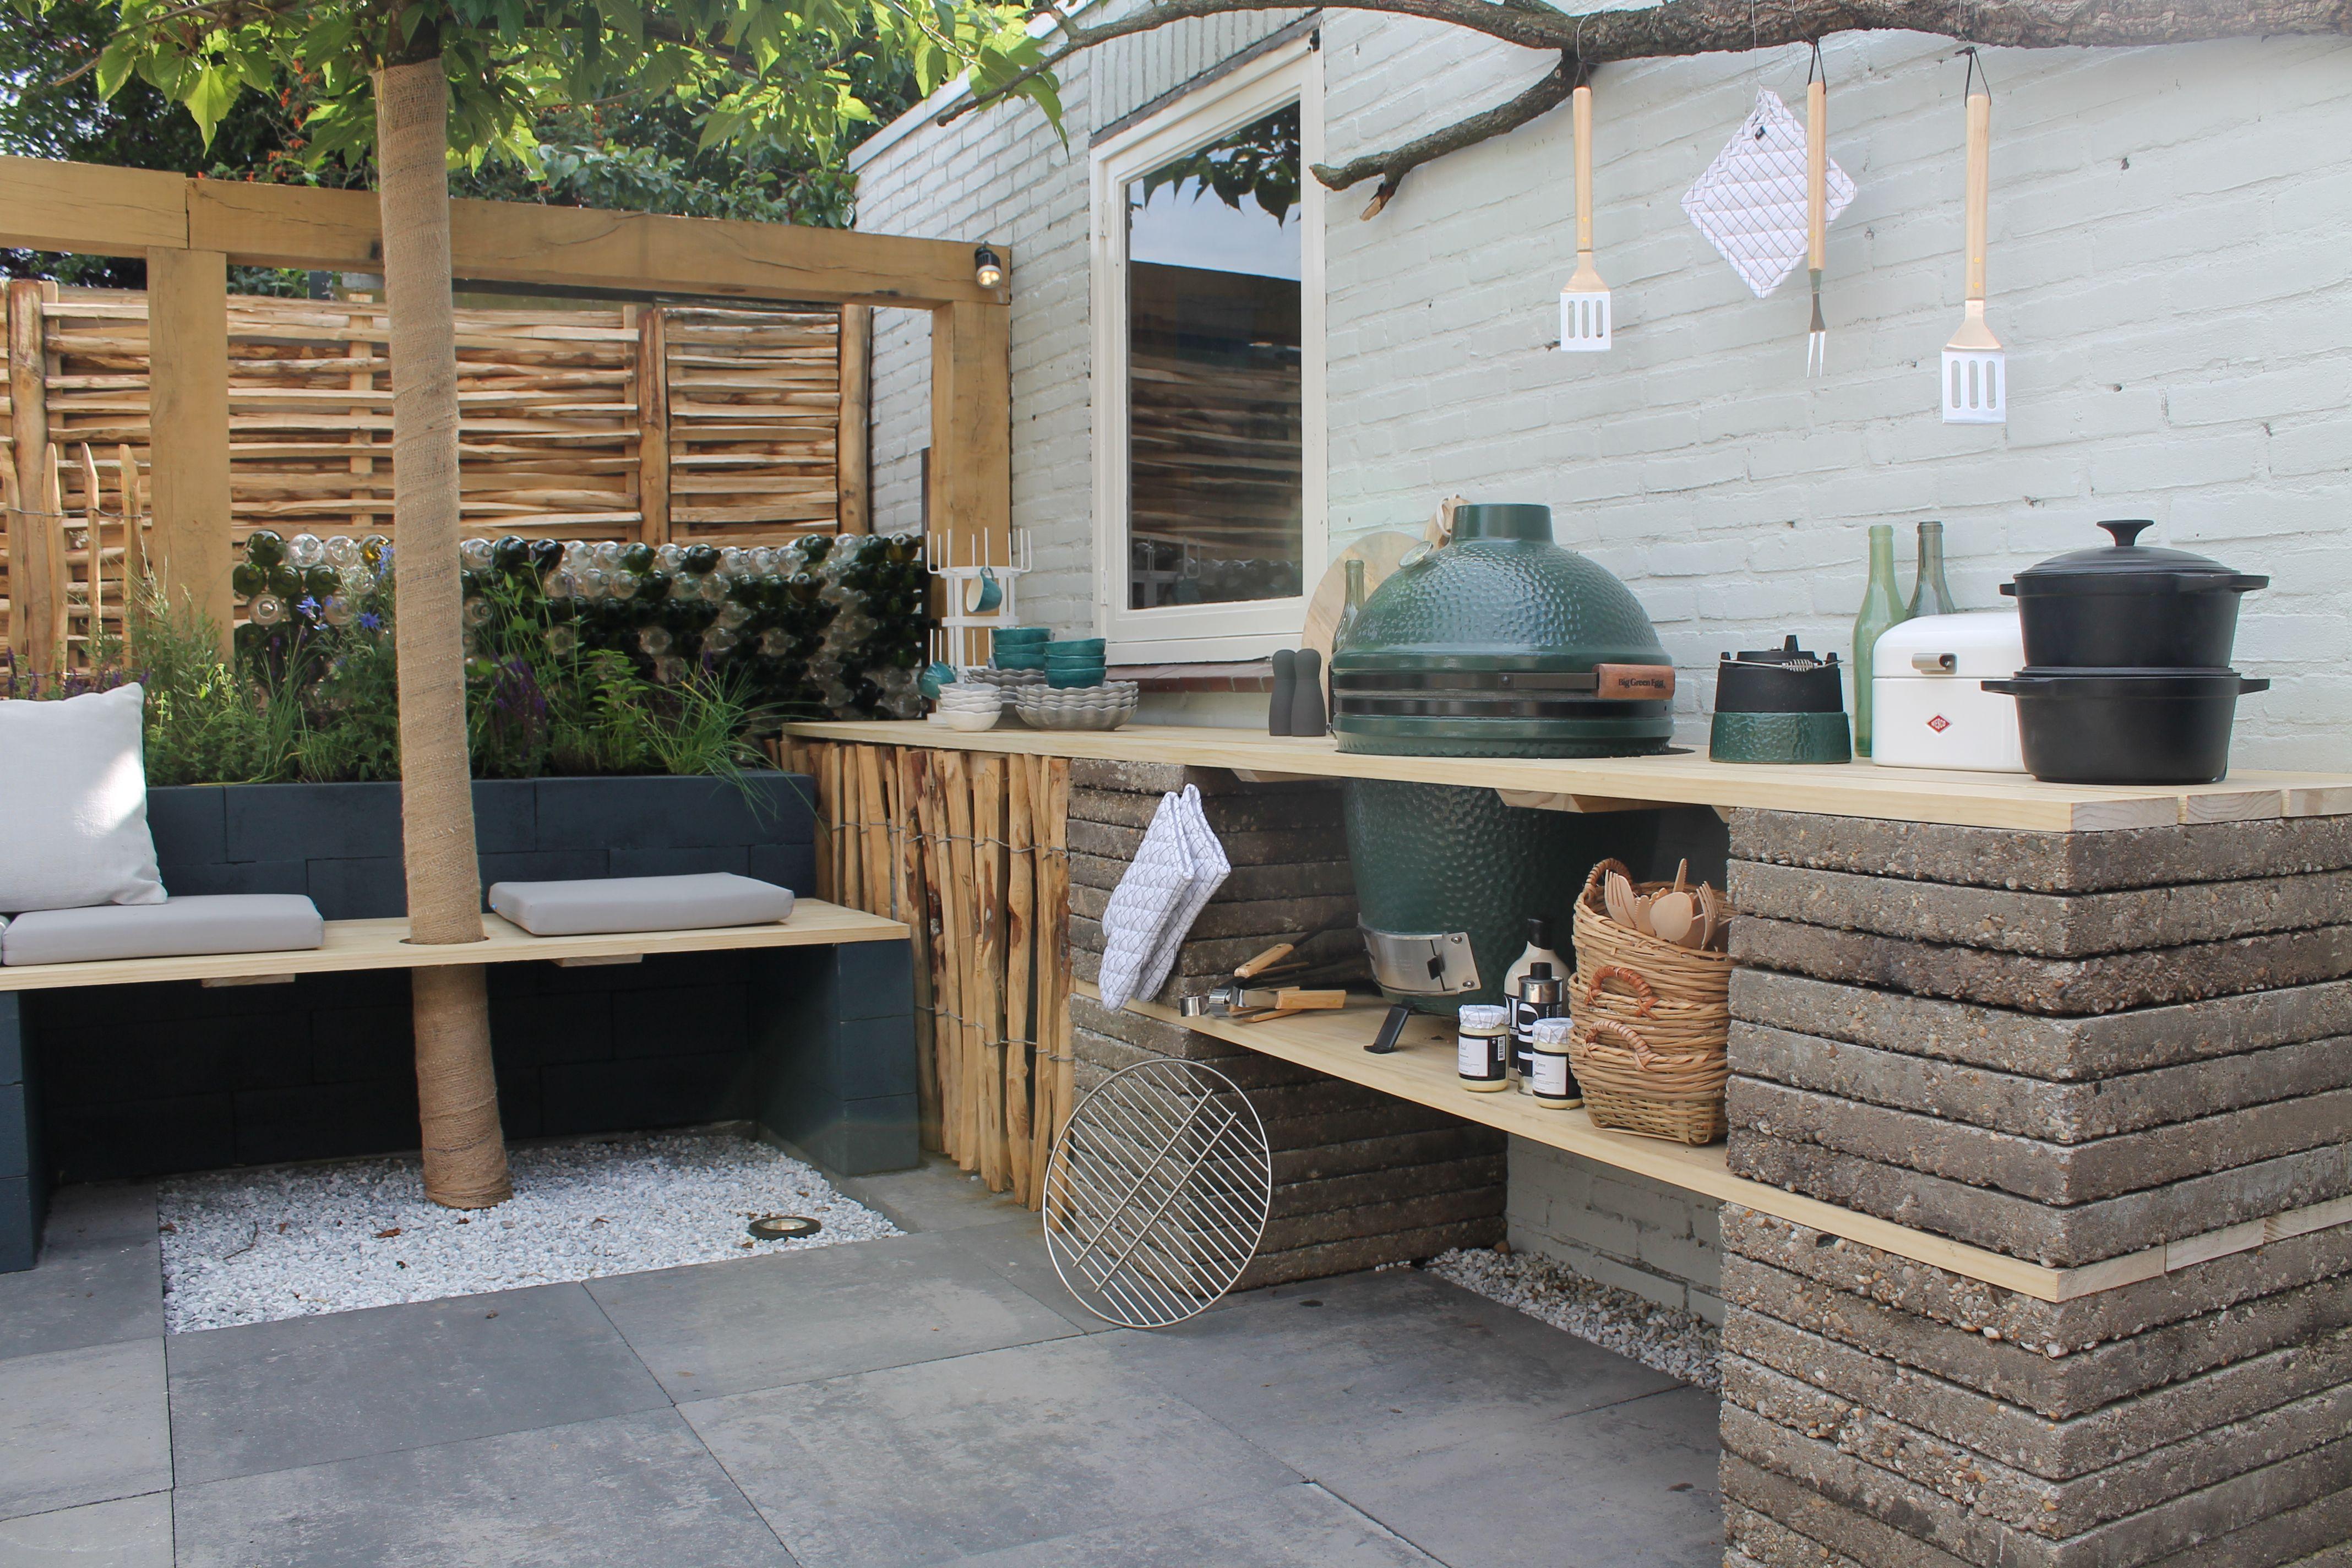 Buitenkeukens  het campeergevoel in eigen tuin   Cakeje Van Eigen Deeg